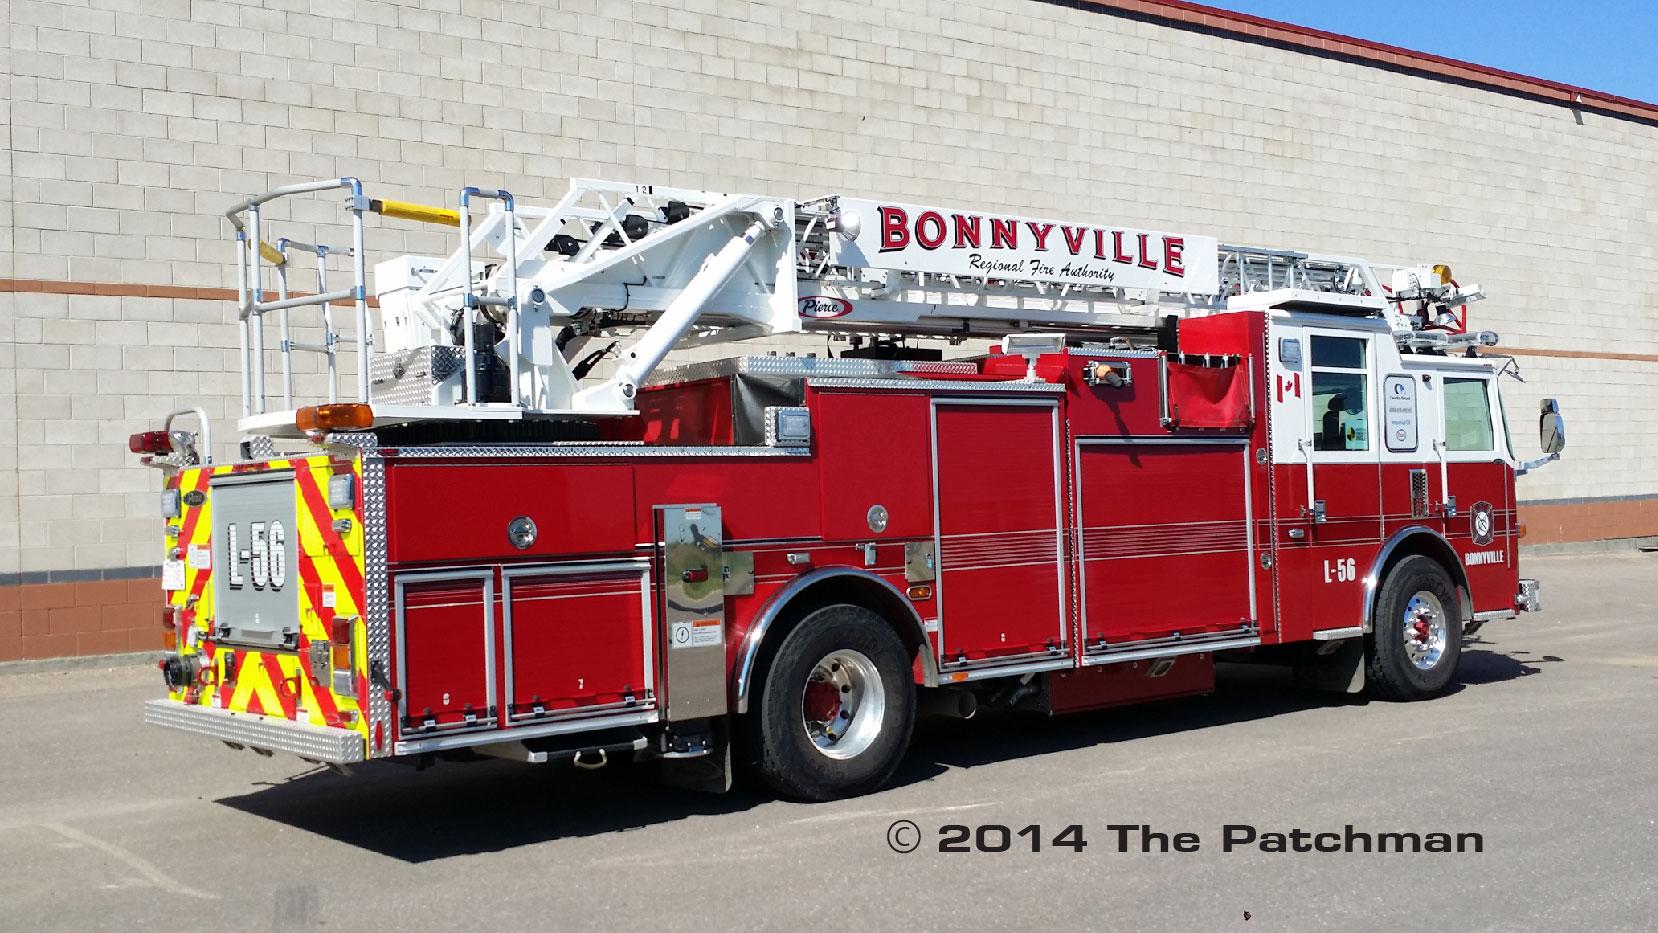 Bonnyville Ladder